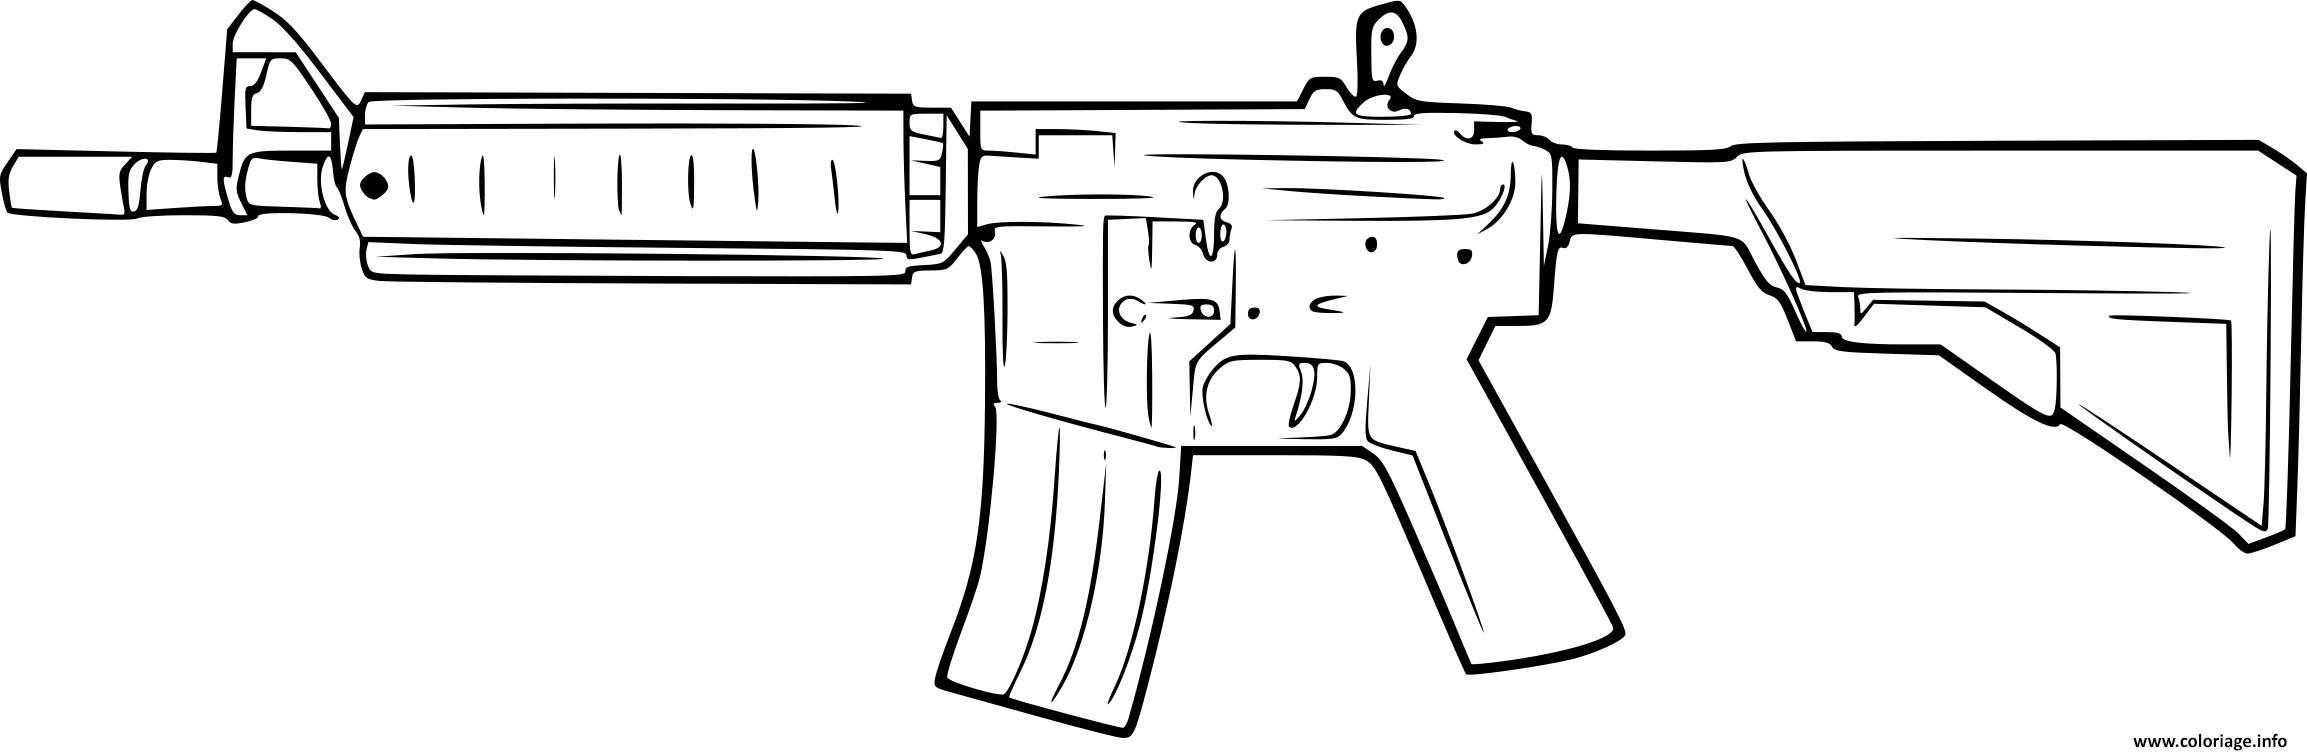 Dessin arme counter strike Coloriage Gratuit à Imprimer